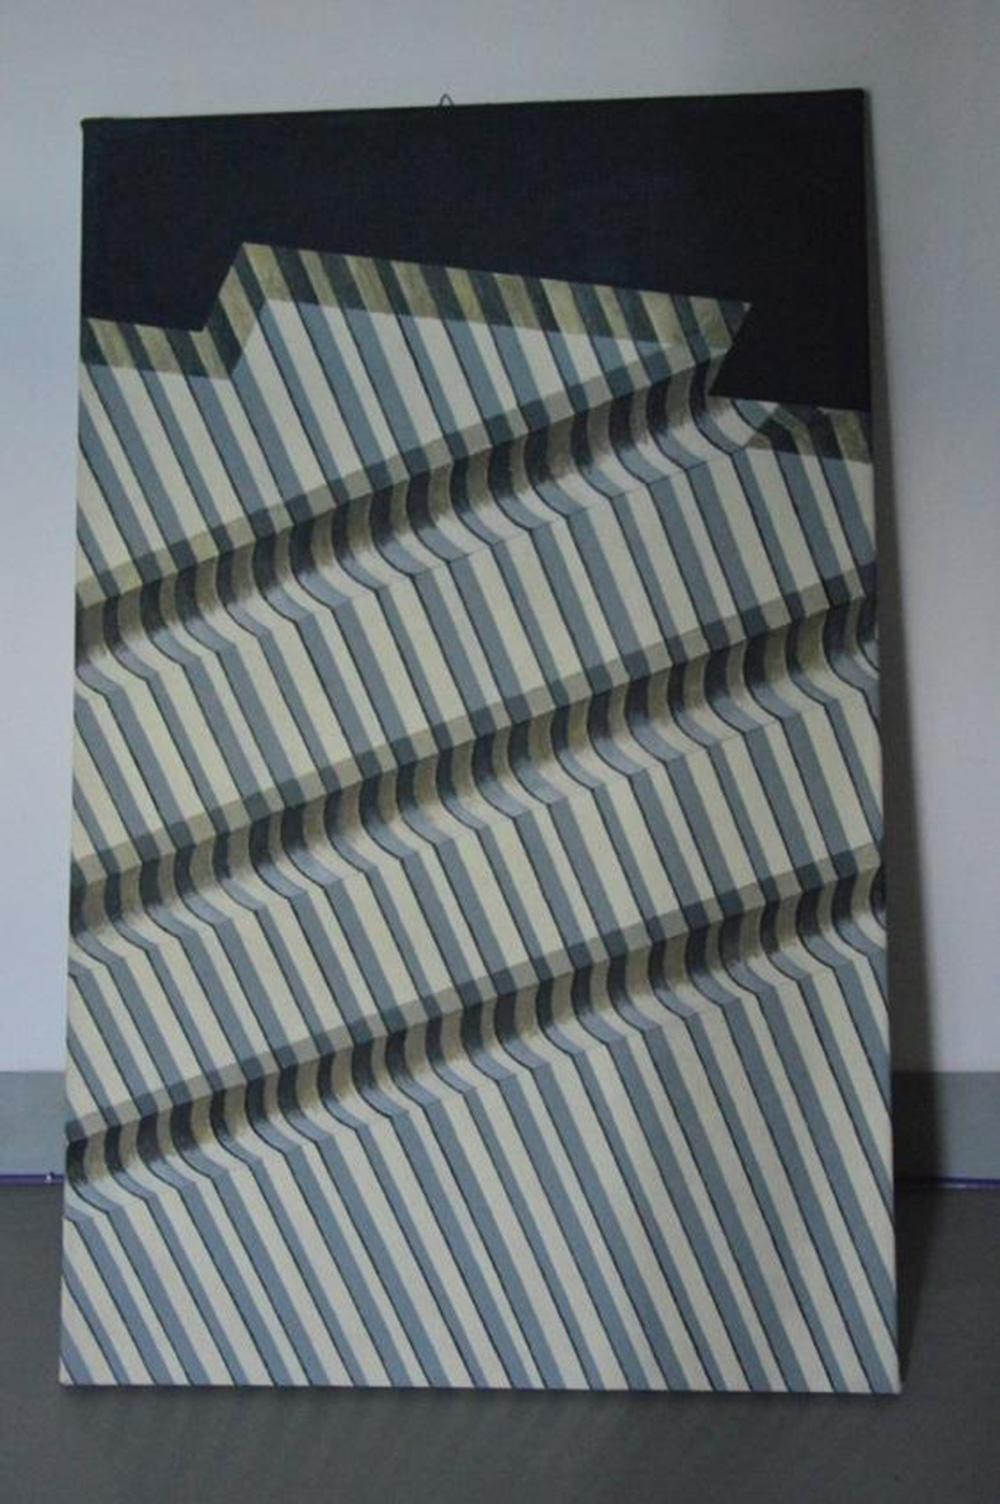 Un'altra dimensione per Piero D'Orazio, 2005